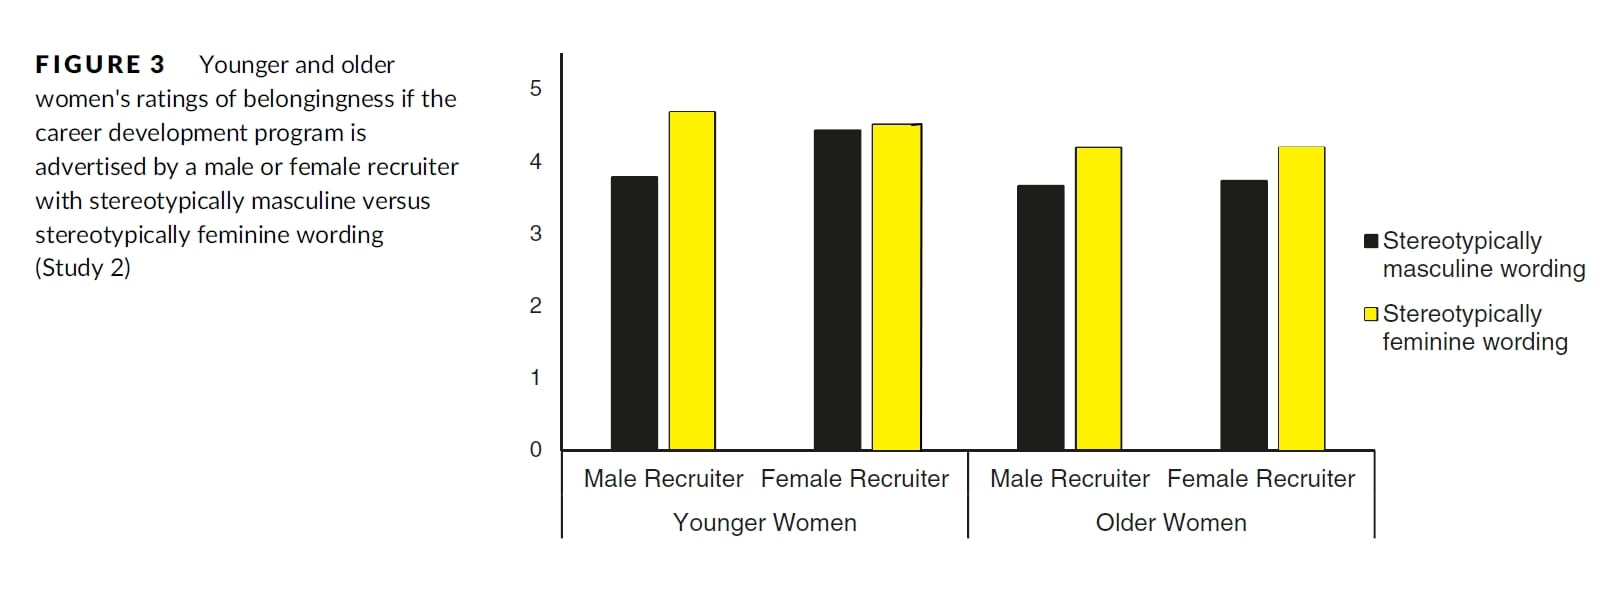 Bewertung der Zugehörigkeit durch jüngere und ältere Frauen bei weiblichem oder männlichen Recruiter